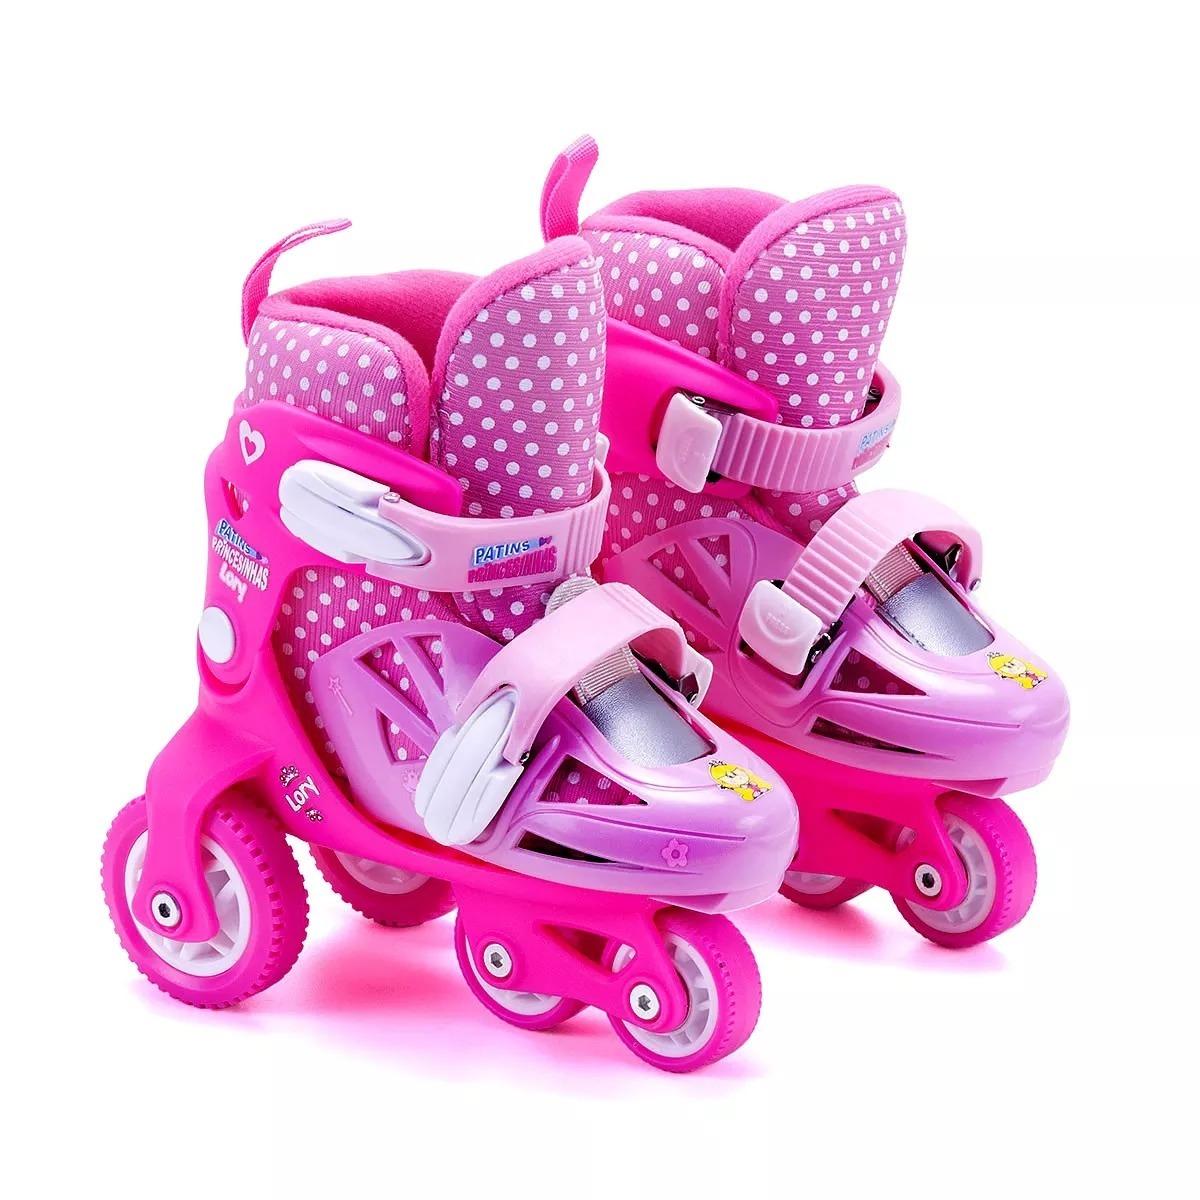 b7a03b0c938 kit patins ajustável rosa c  acessórios 27 ao 30 - unik toys. Carregando  zoom.